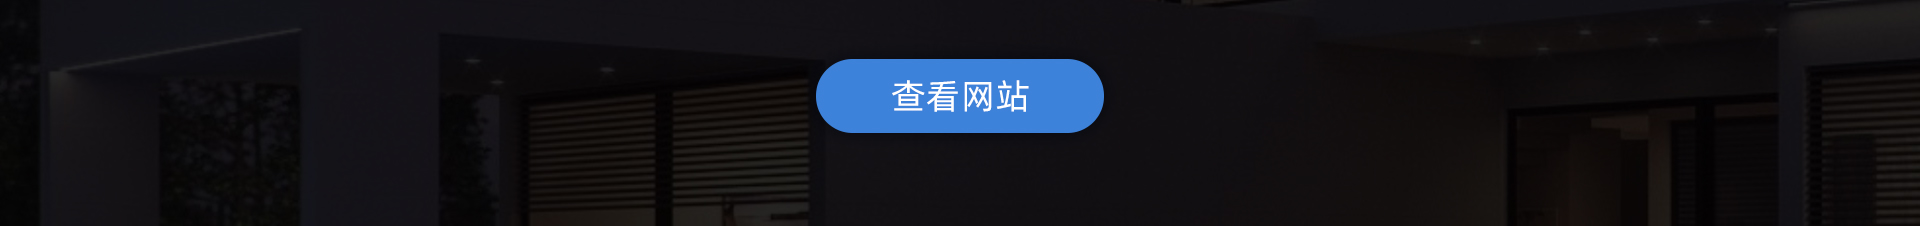 非凡-陈璐璐-深圳市玖优咨询有限公司_02